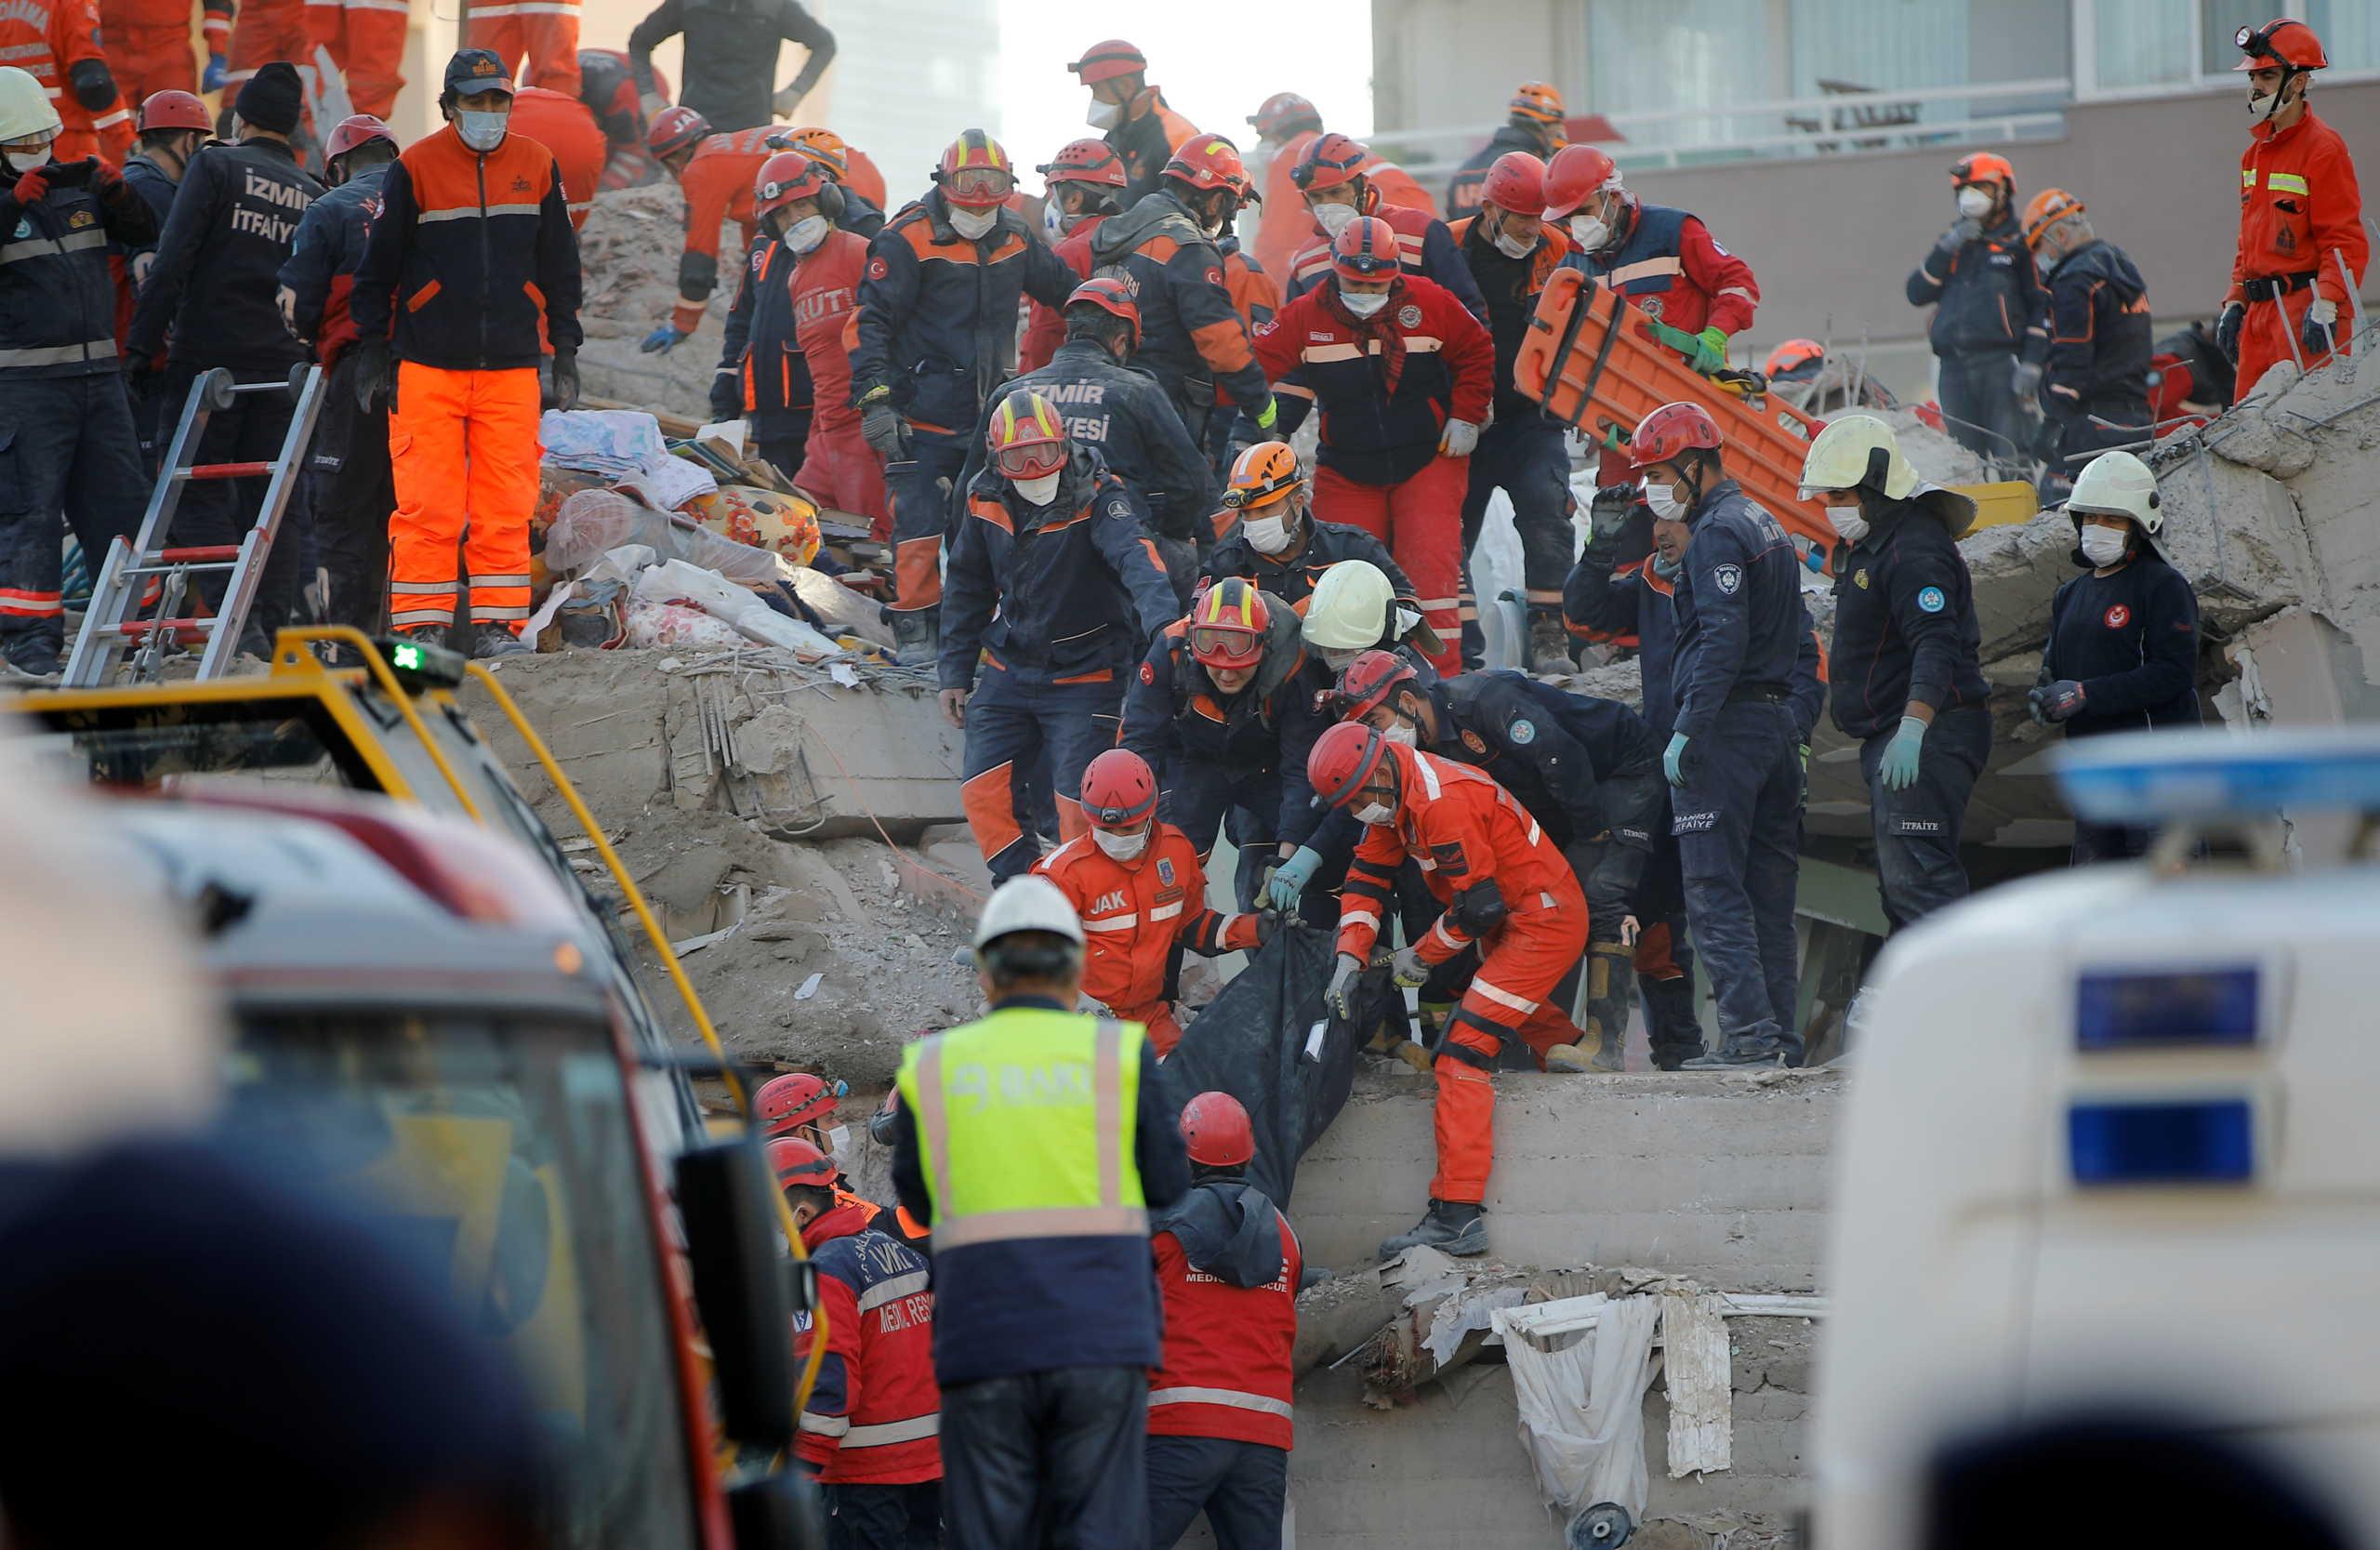 Σμύρνη: Συγκλονιστικό! Έβγαλαν ζωντανό 70χρονο μετά από 33 ώρες – 51 οι νεκροί μέχρι στιγμής (pics)